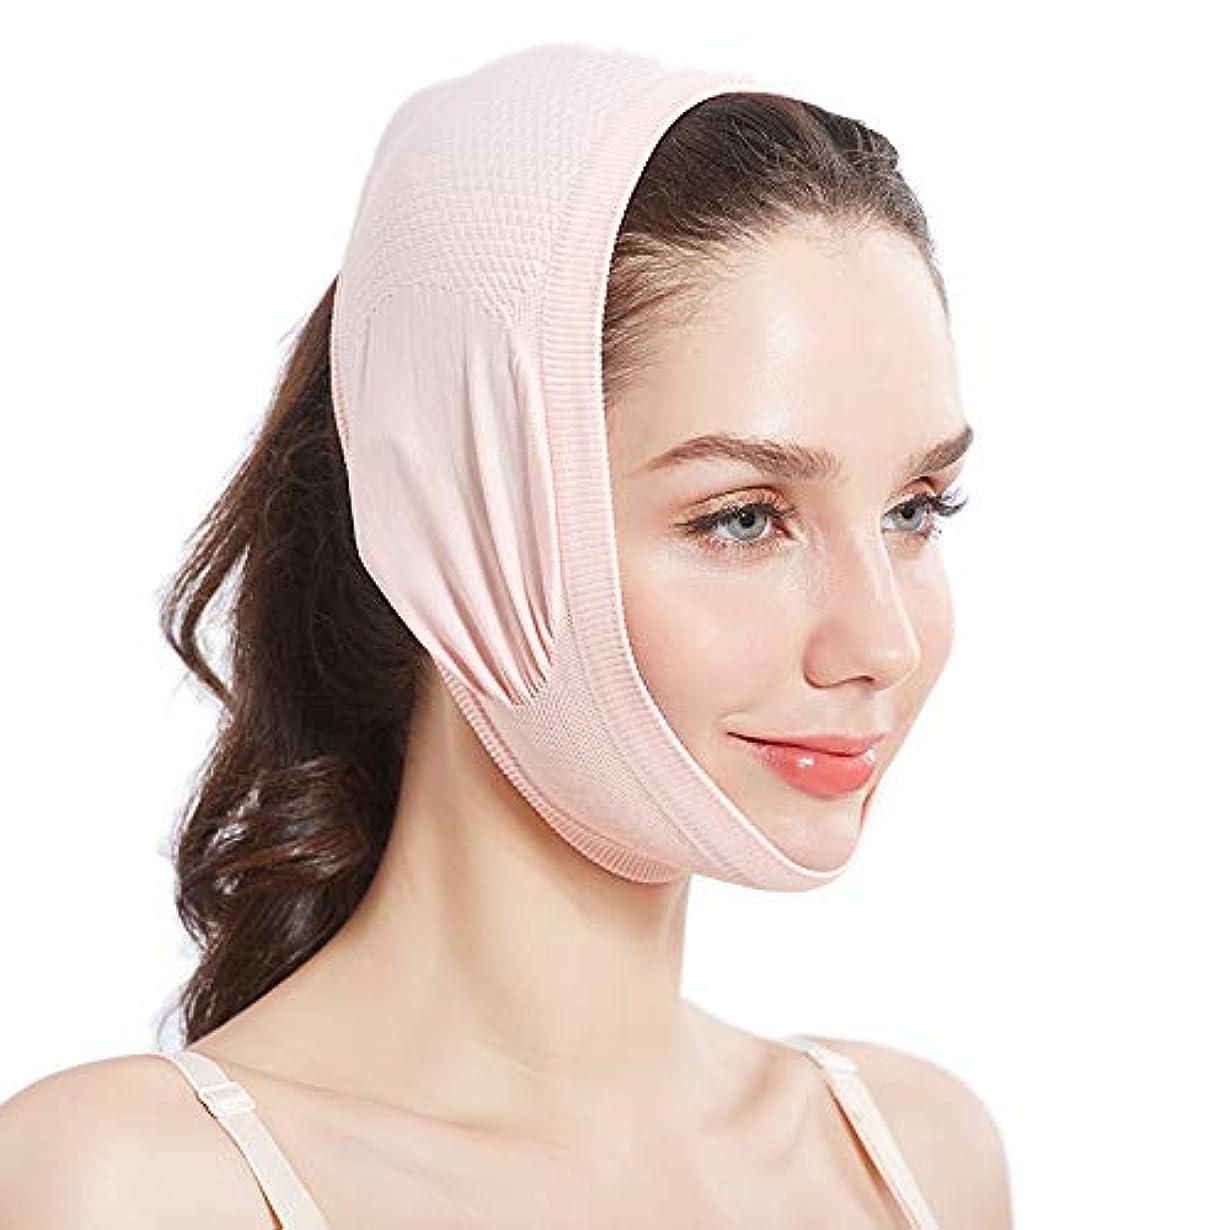 痩身チークマスク、抗ストレスウェルネスマスク、スリム顔、滑らかな通気性の圧縮あご細いストラップ V フェースラインリフトアップベルトバンド,Pink